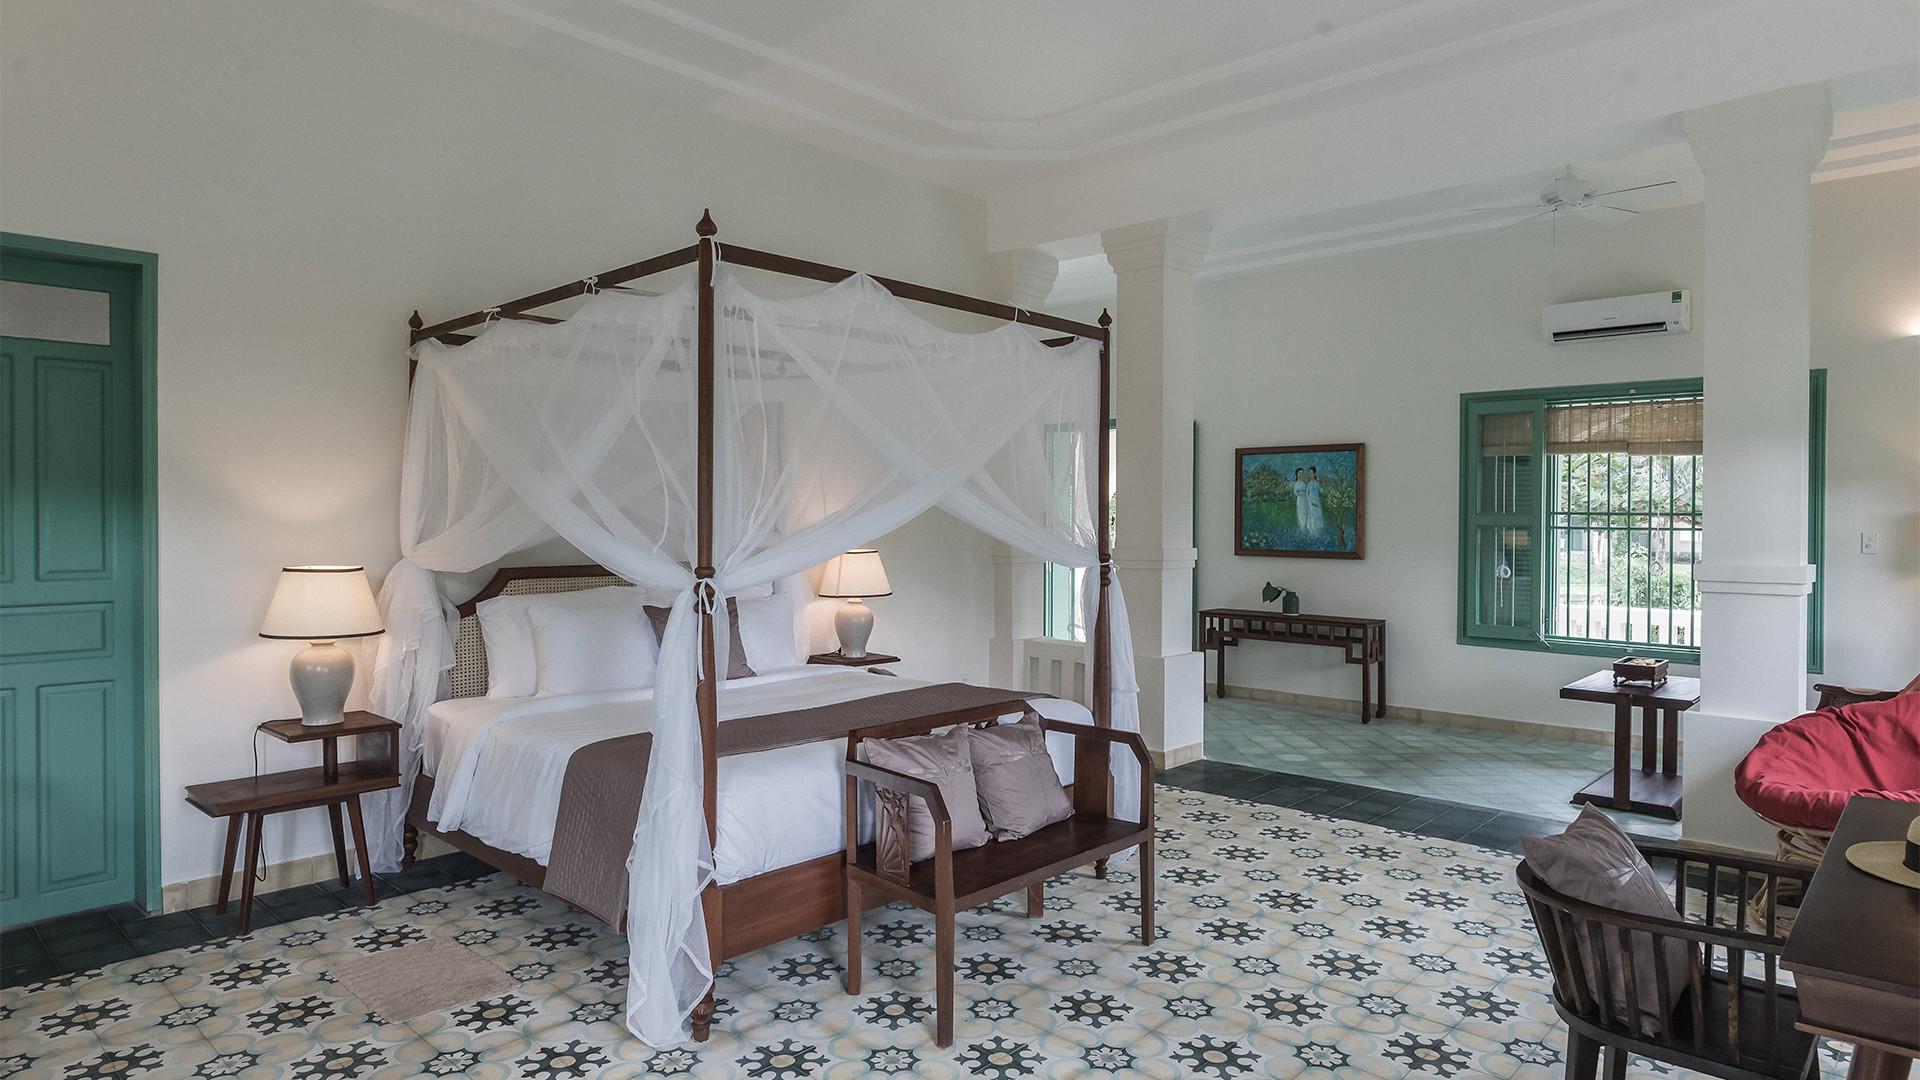 Poulo Condor's colonial suite